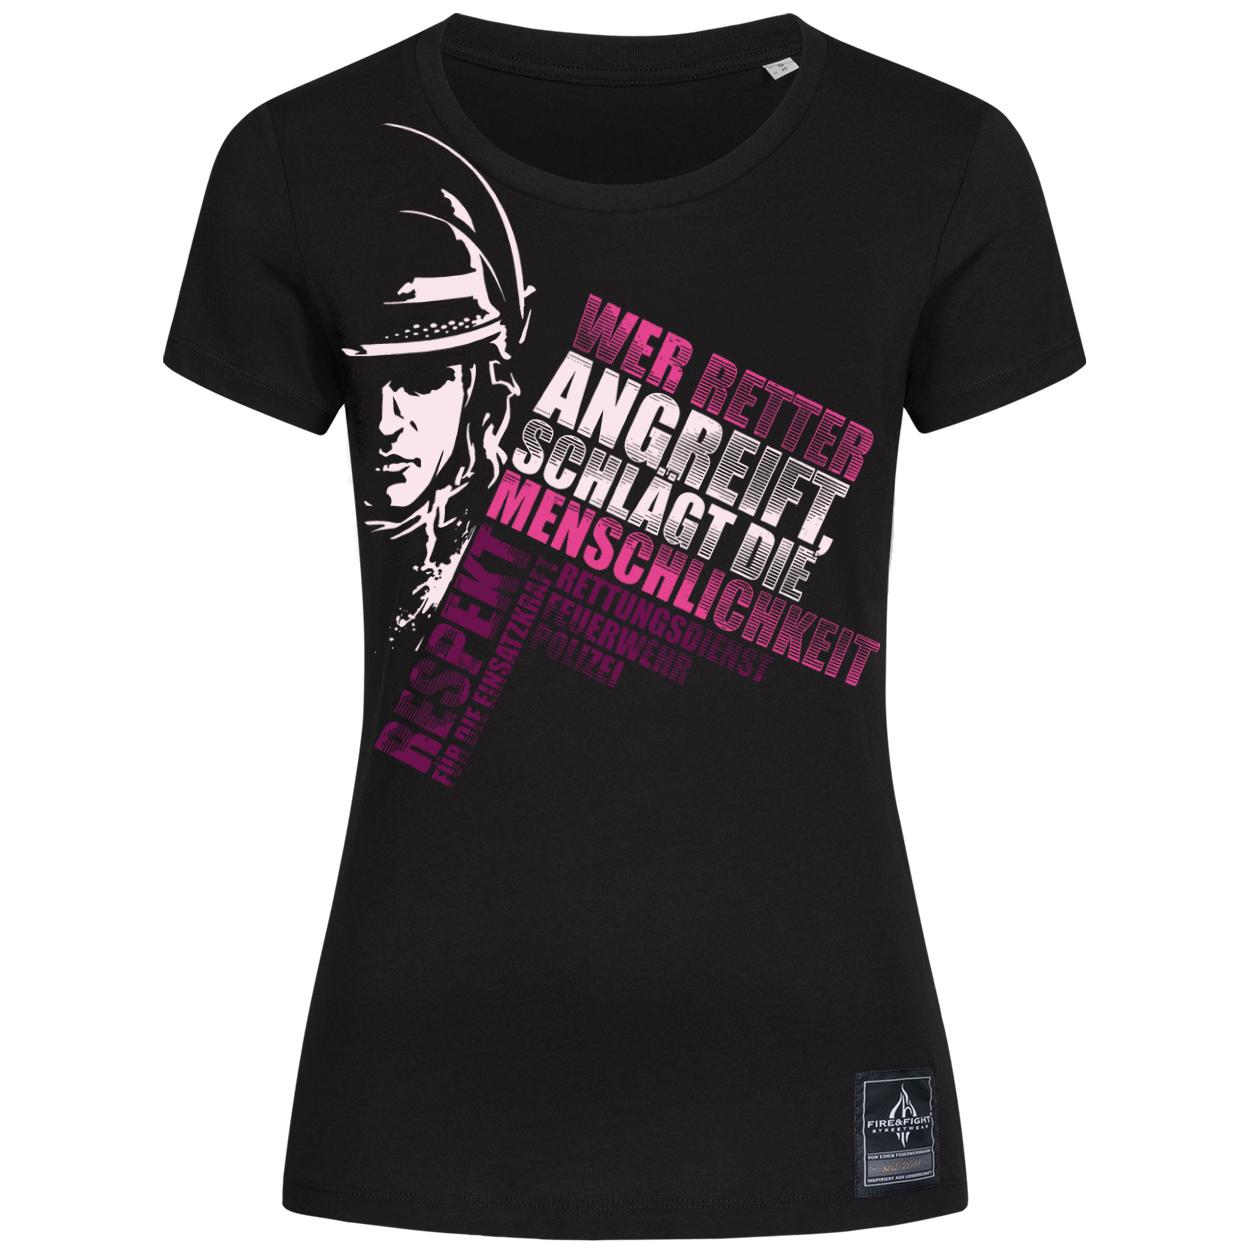 Wer Retter angreift - Frauen T-Shirt